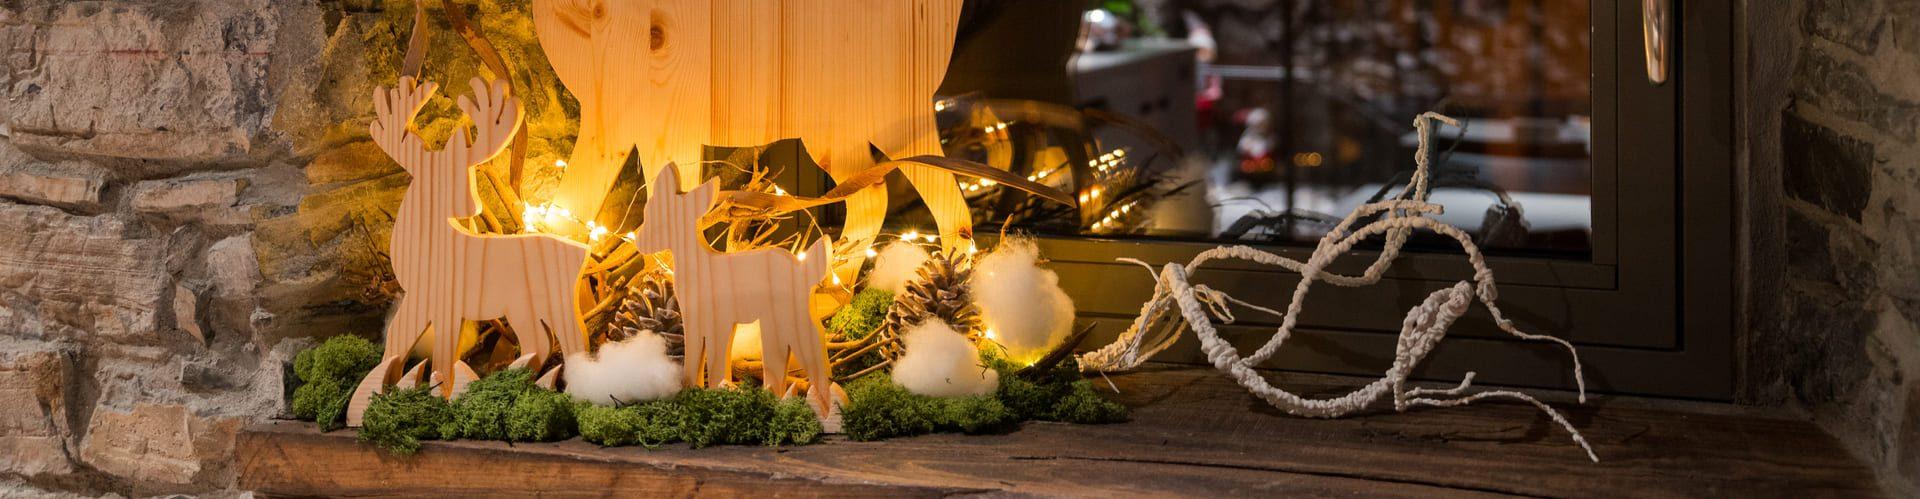 Dolci per festività a Bergamo - header